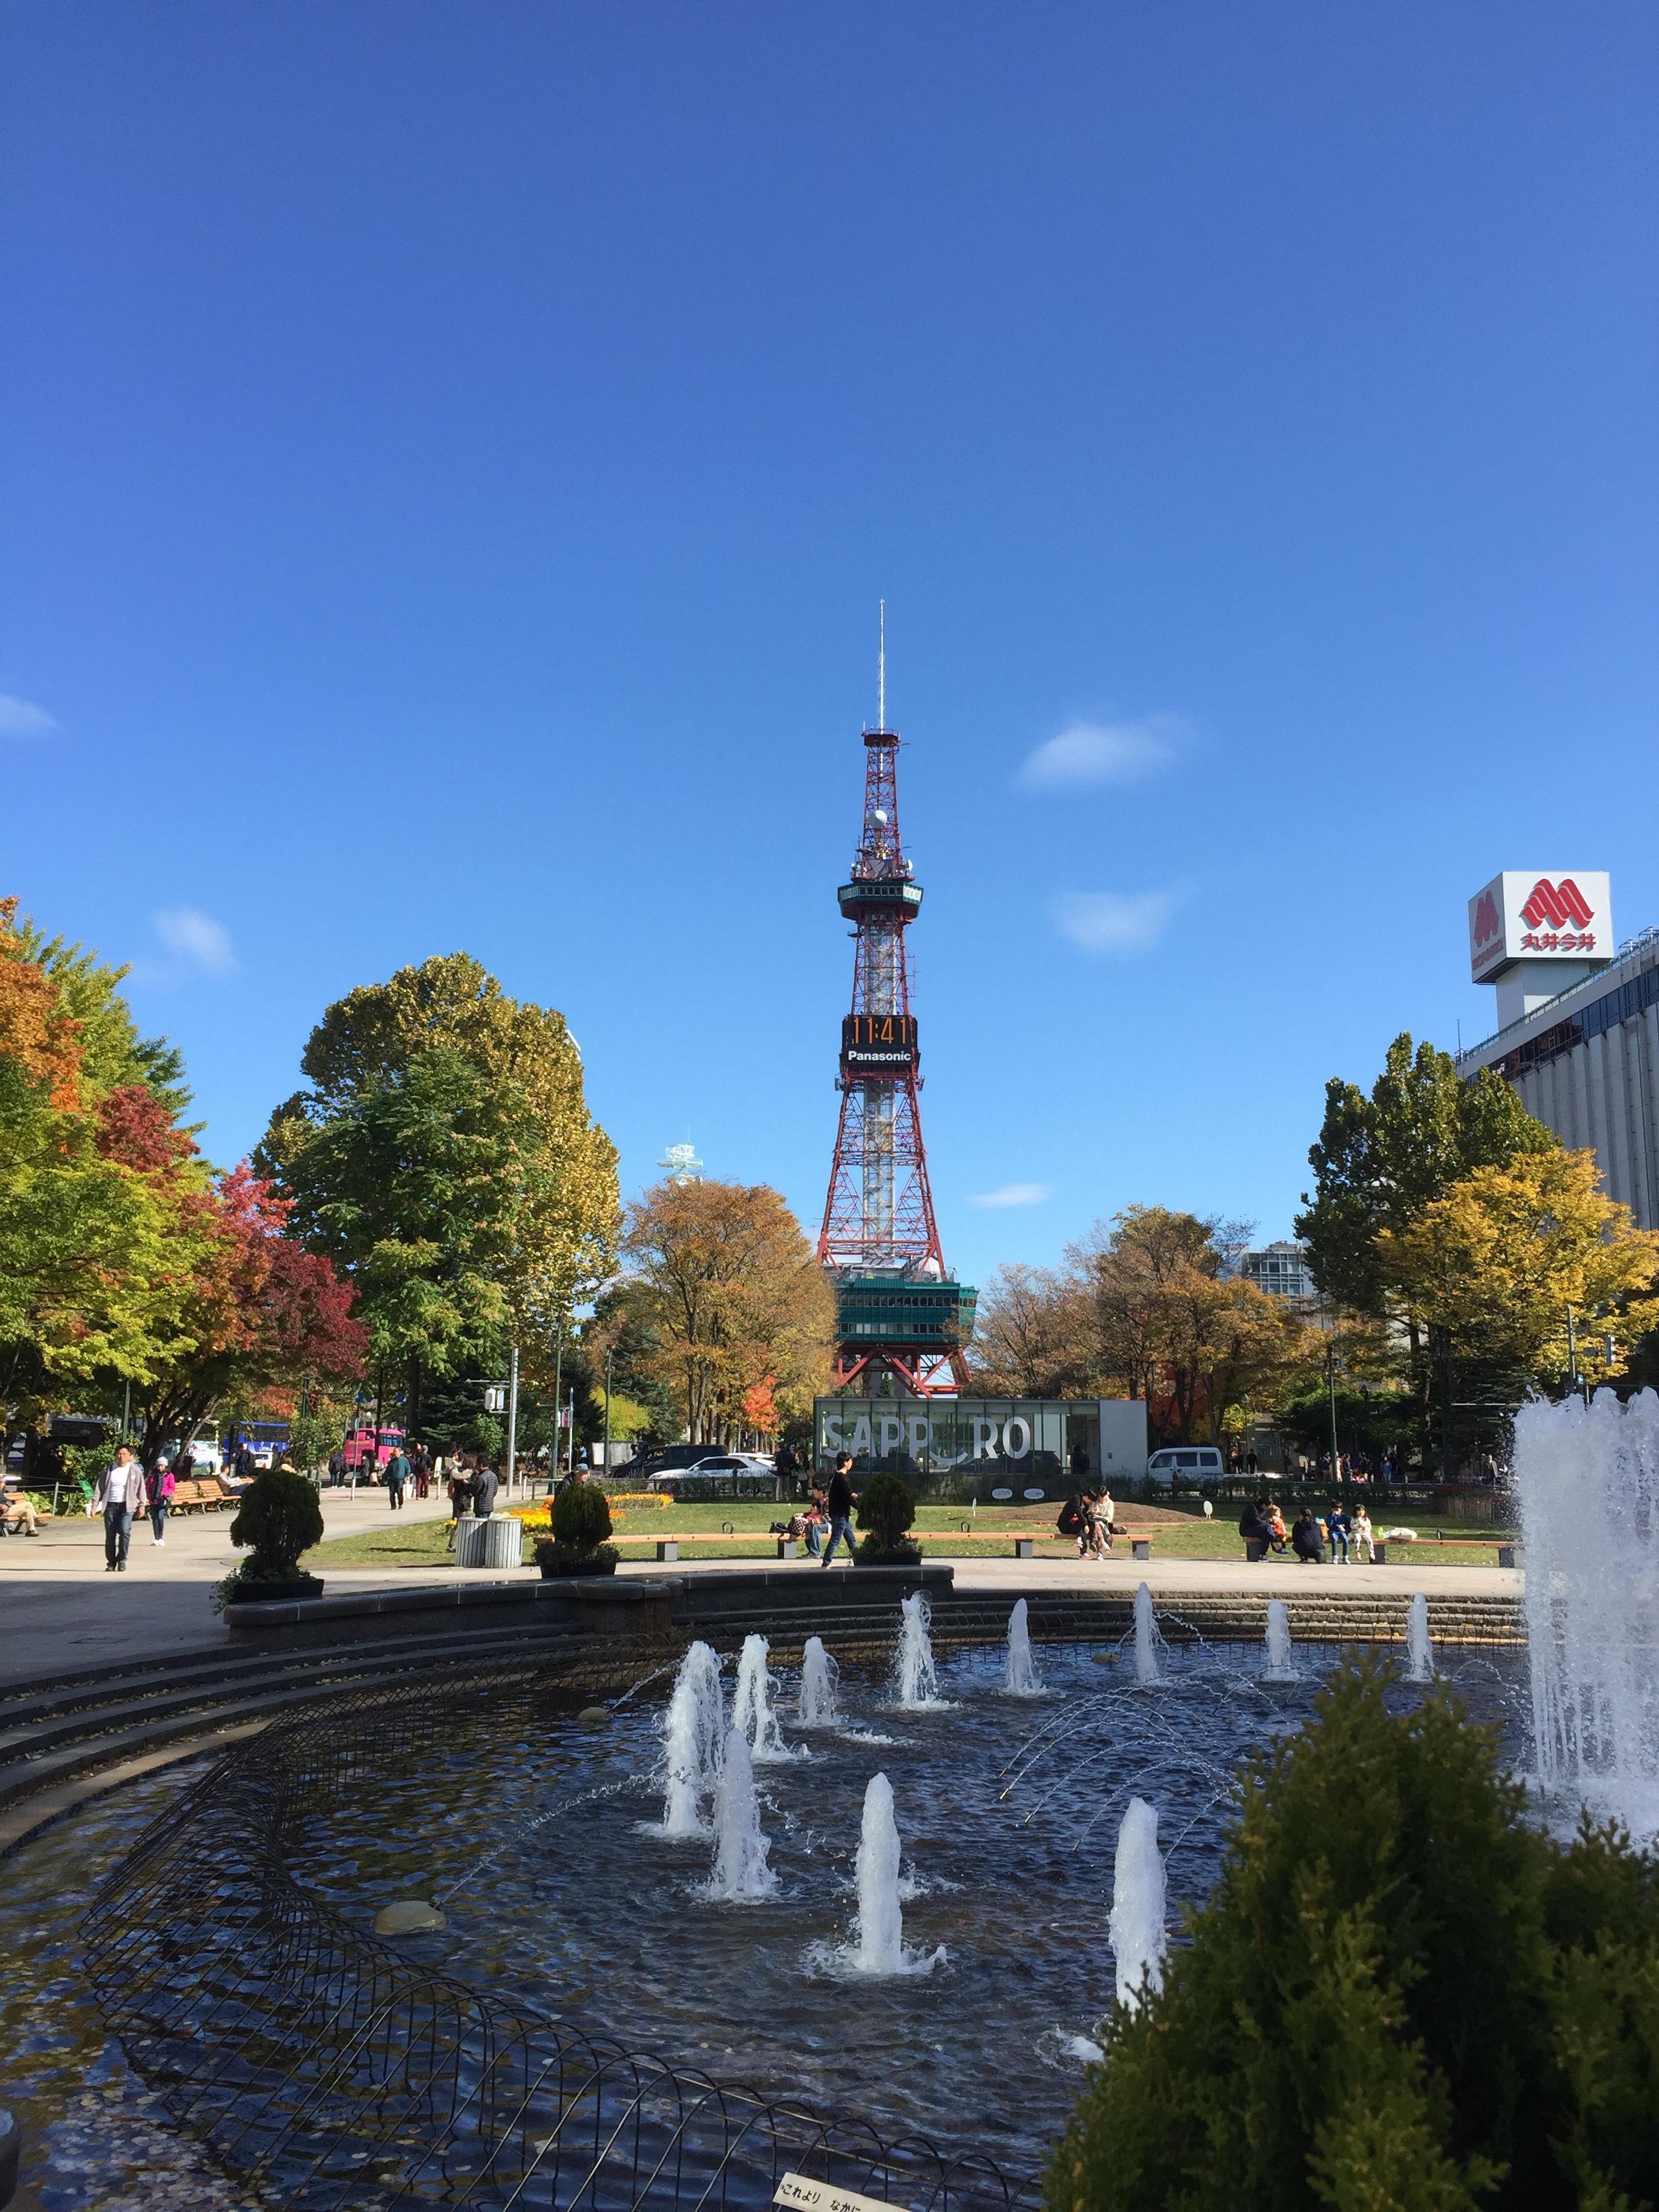 2017-10-21 11.41.02.jpg